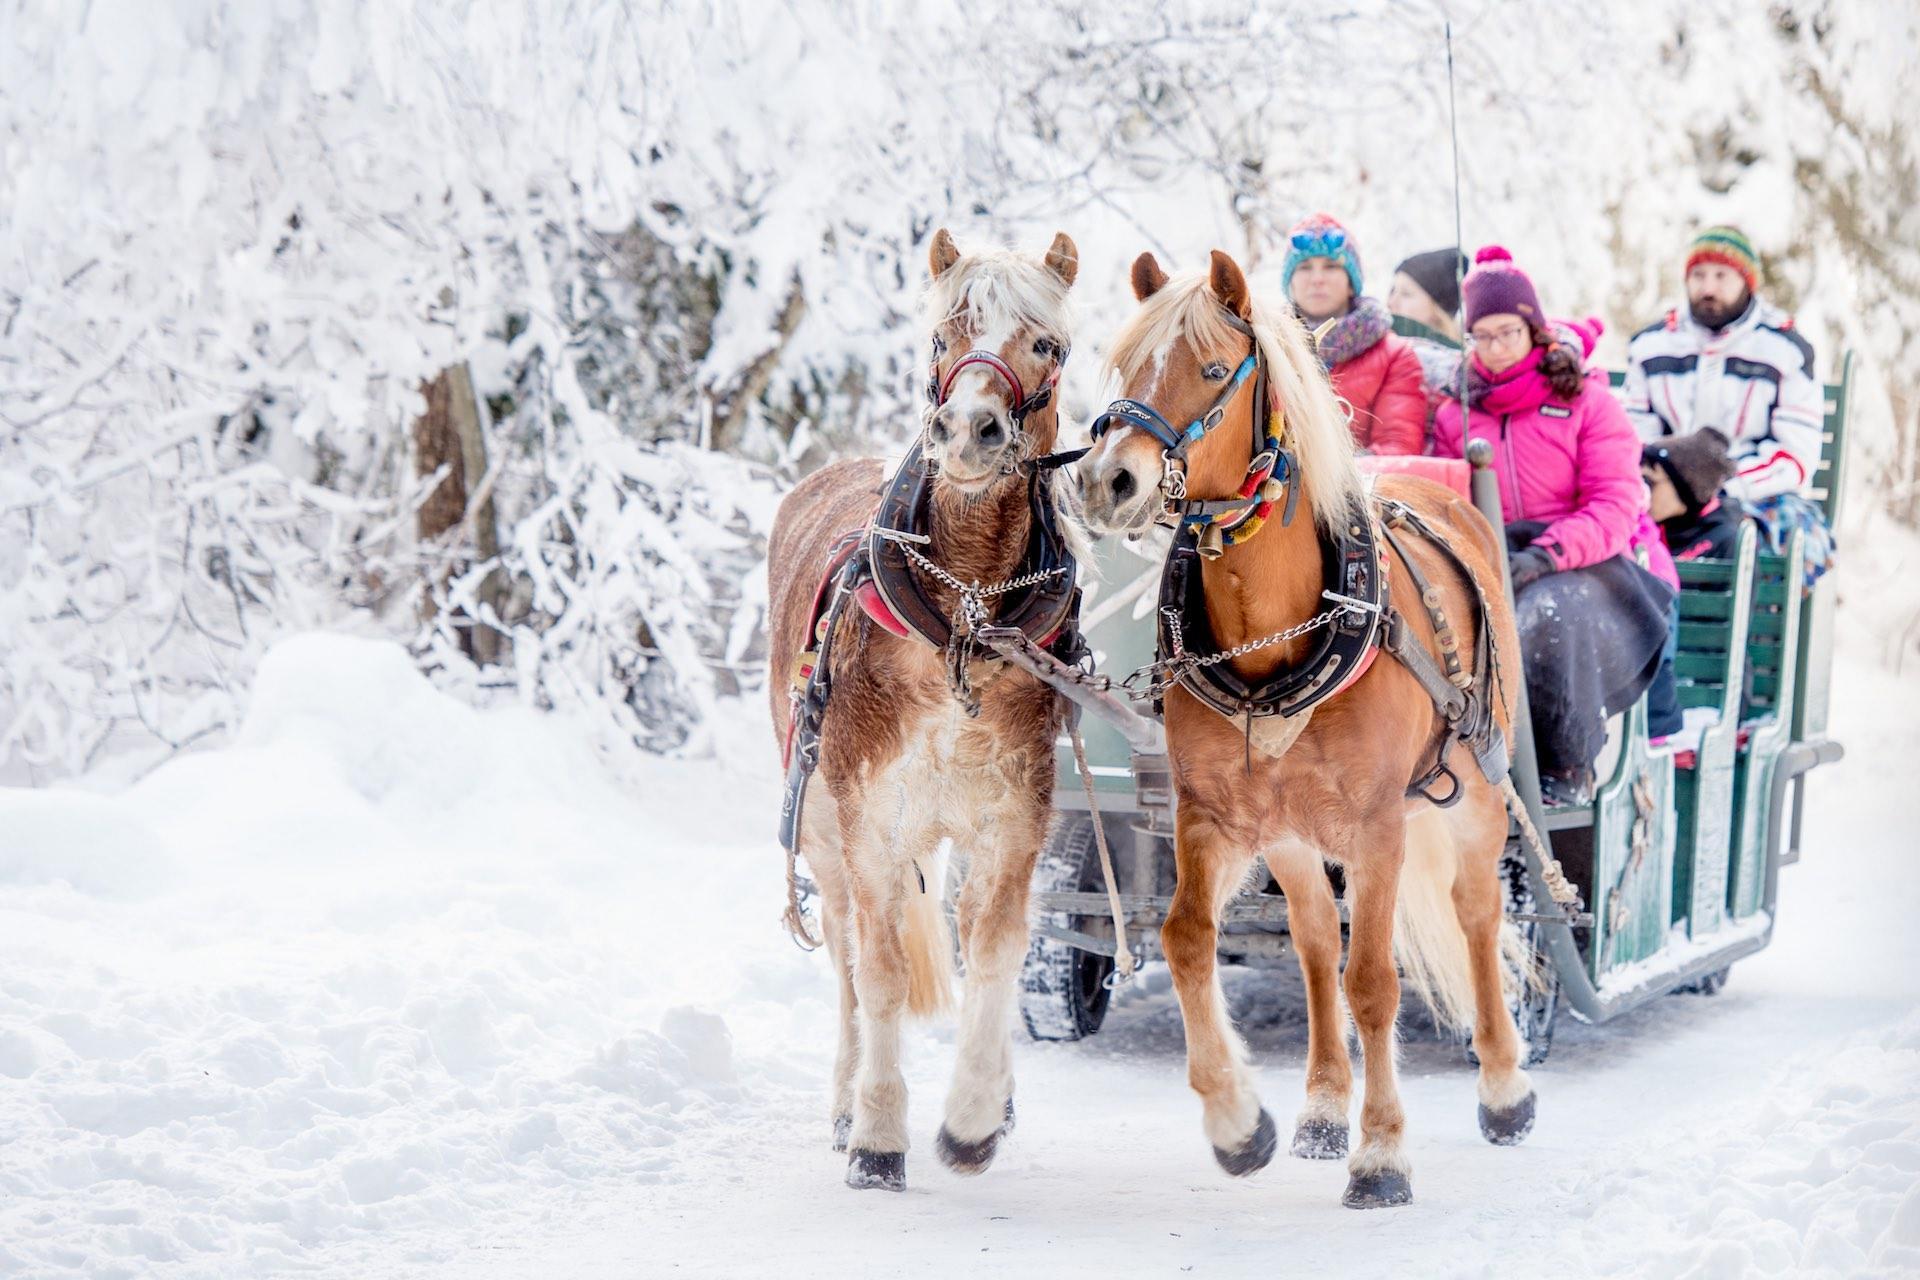 Andalo Vacanze - Dolomiti Paganella Family Park - Slitta trainata da cavalli Andalo